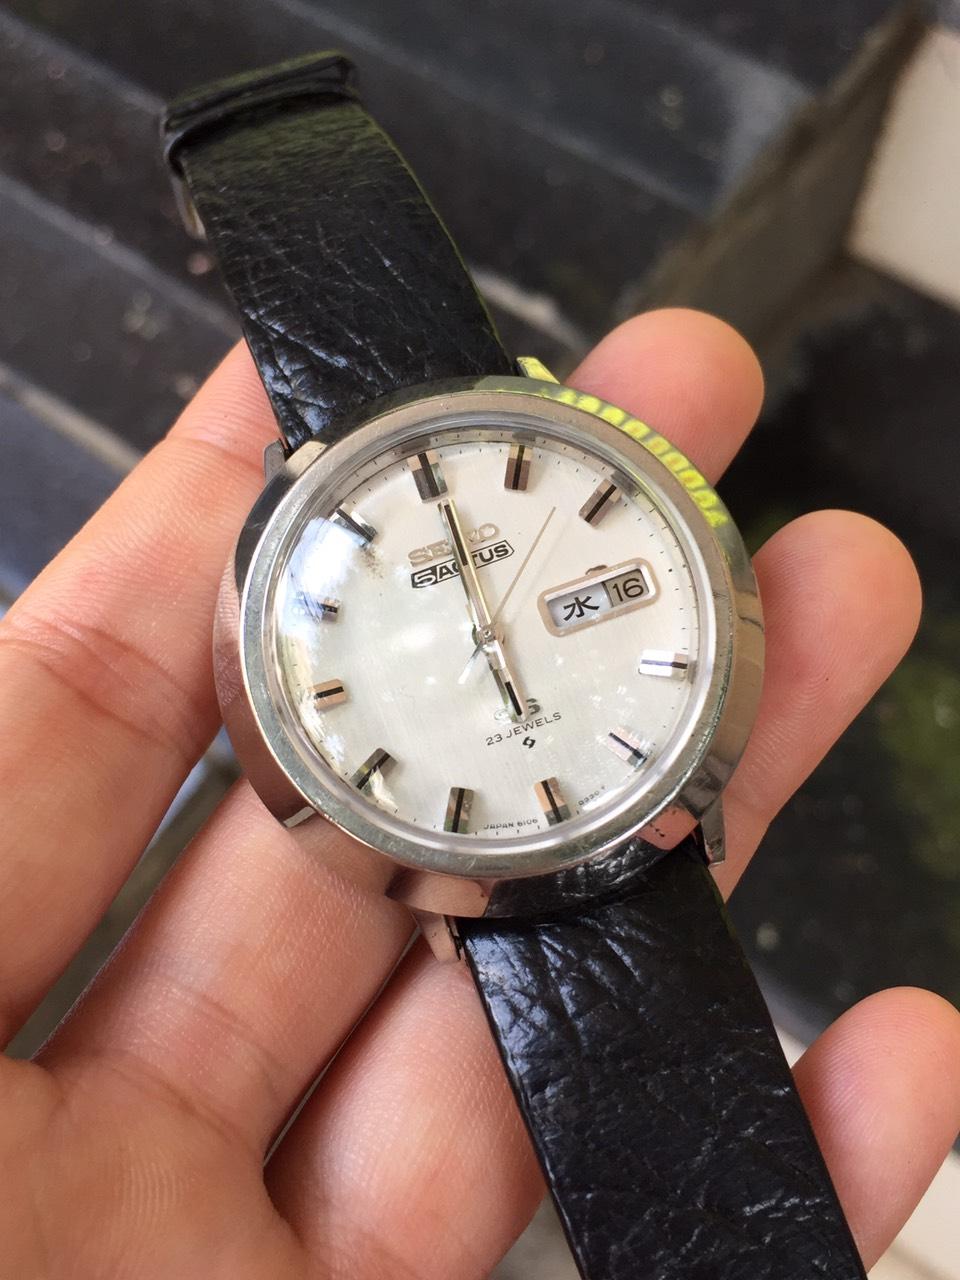 [HCM]Đồng hồ cơ cổ nam Seiko 5ACTUS SS 23 jewels có ô cửa lịch thứ và ngày dây da